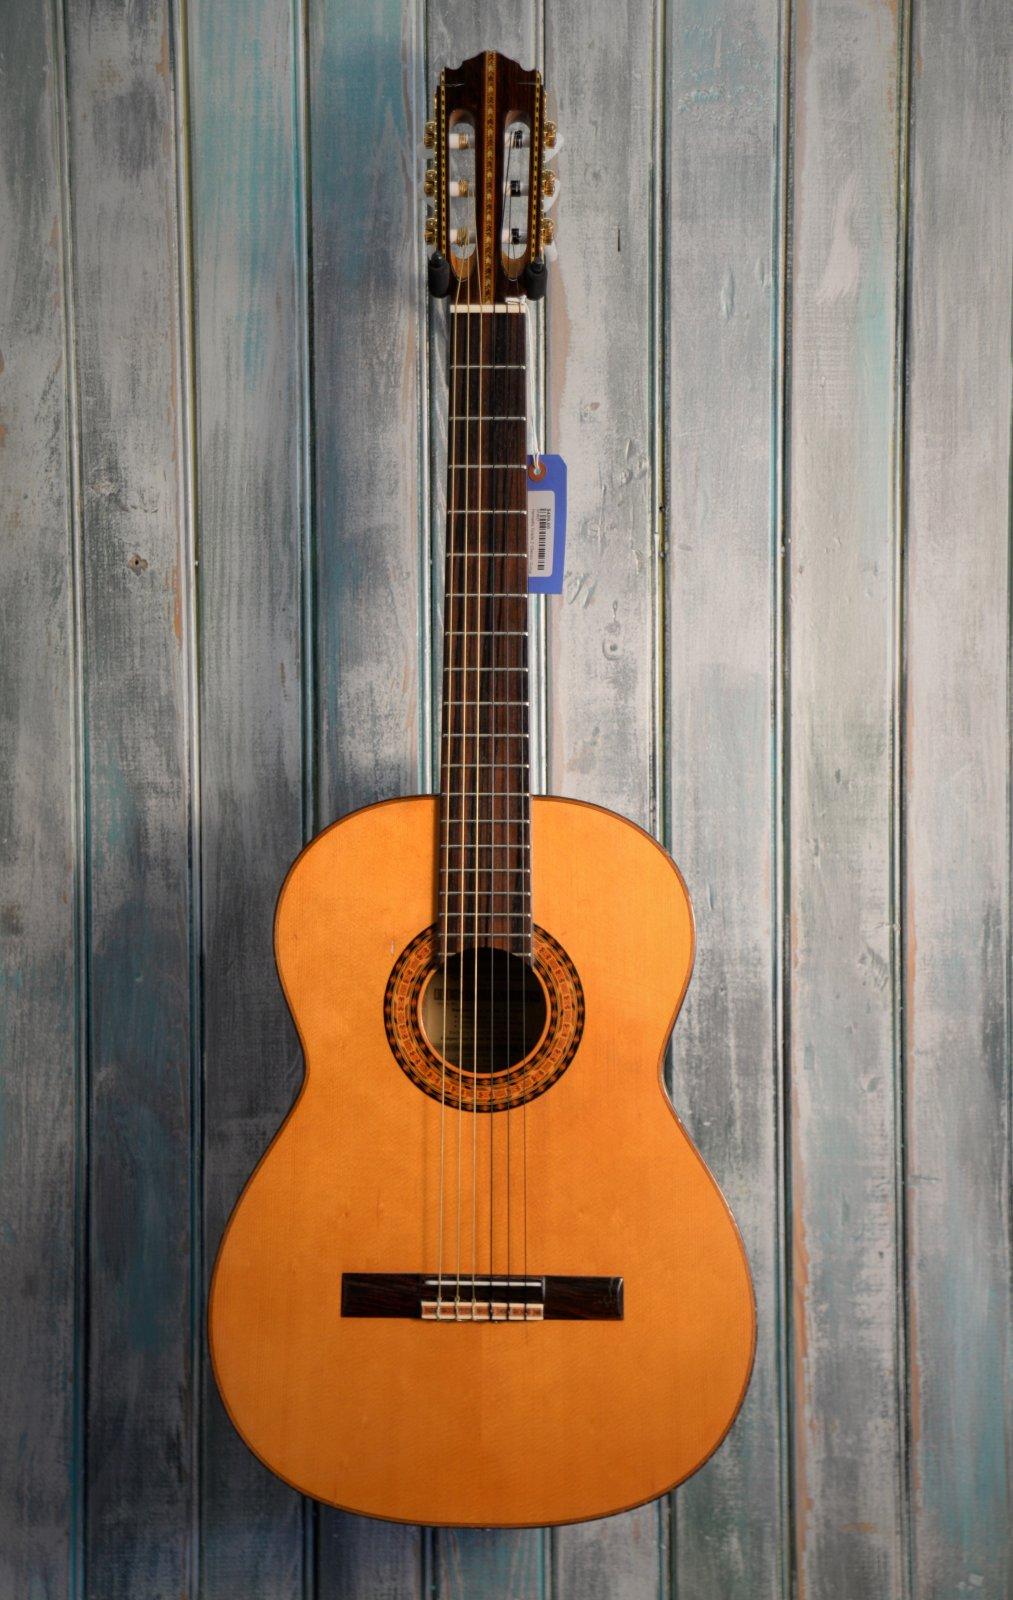 Hernandis Grade 2 Classical Guitar